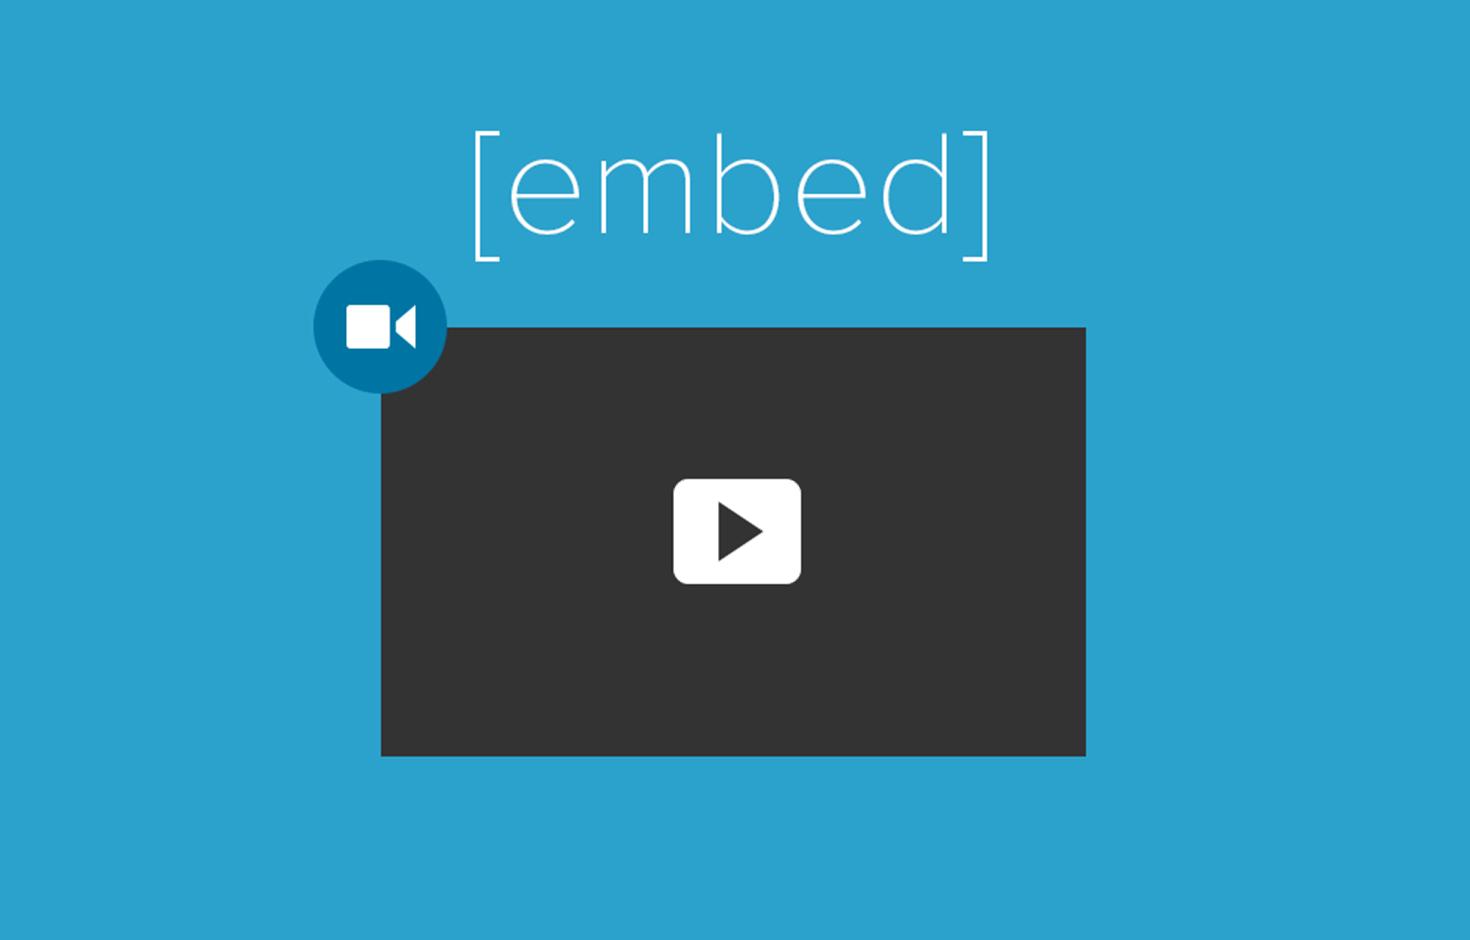 oembed-thumb-1470x940